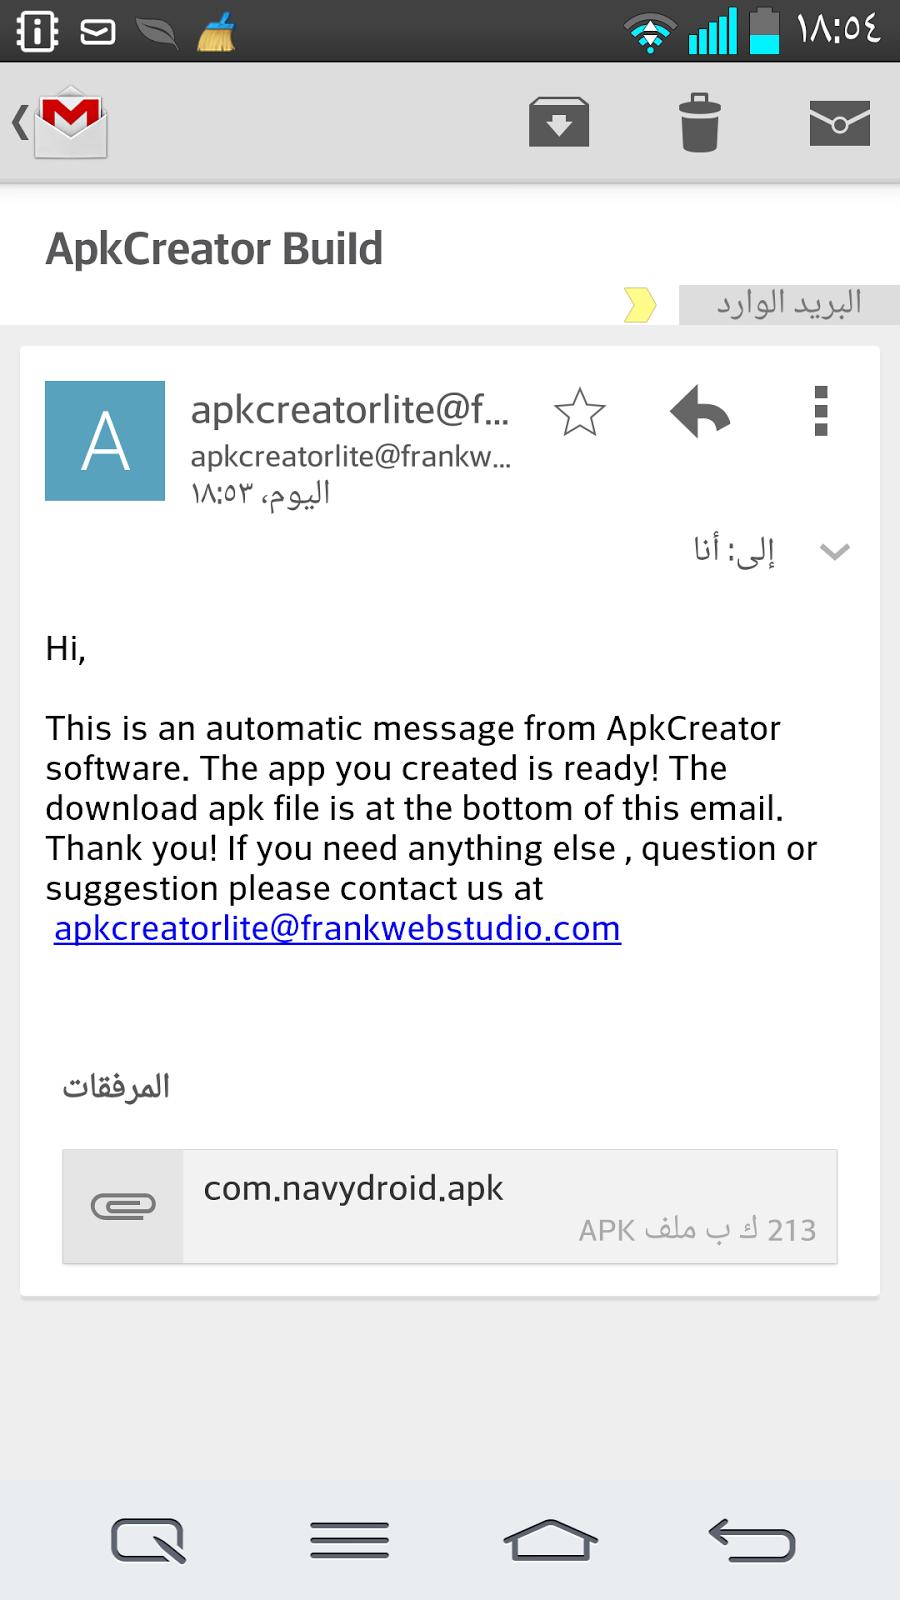 كيفية عمل تطبيق لموقعك على الاندرويد بأسهل طريقة والافضل على الاطلاق Screenshot_2014-02-07-18-54-09